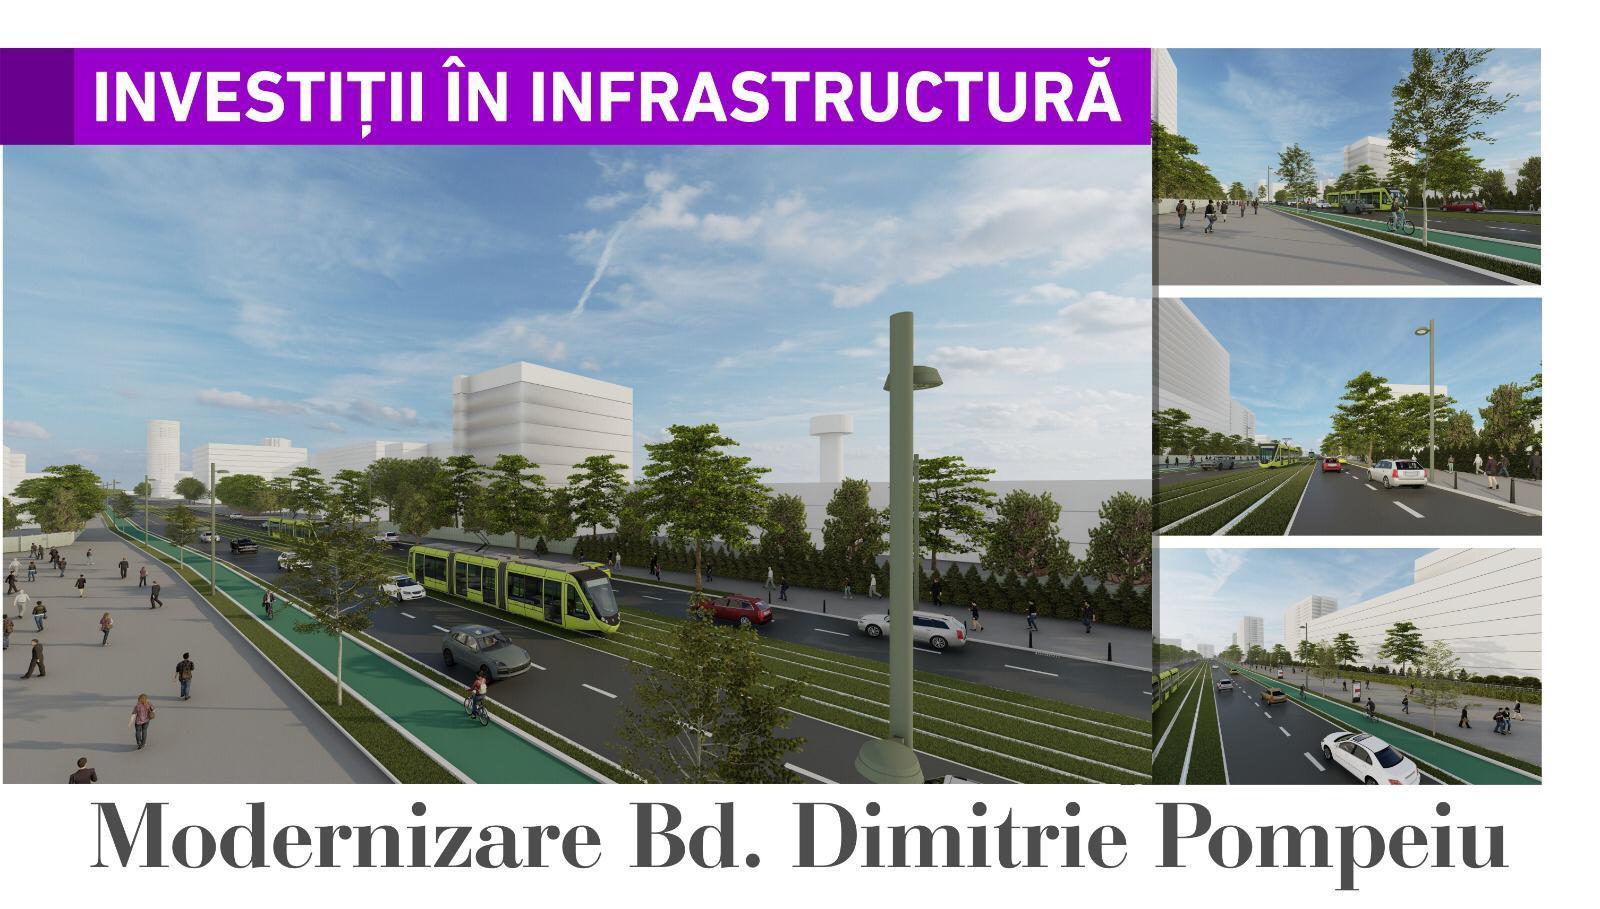 Modernizare Bd. Dimitrie Pompeiu